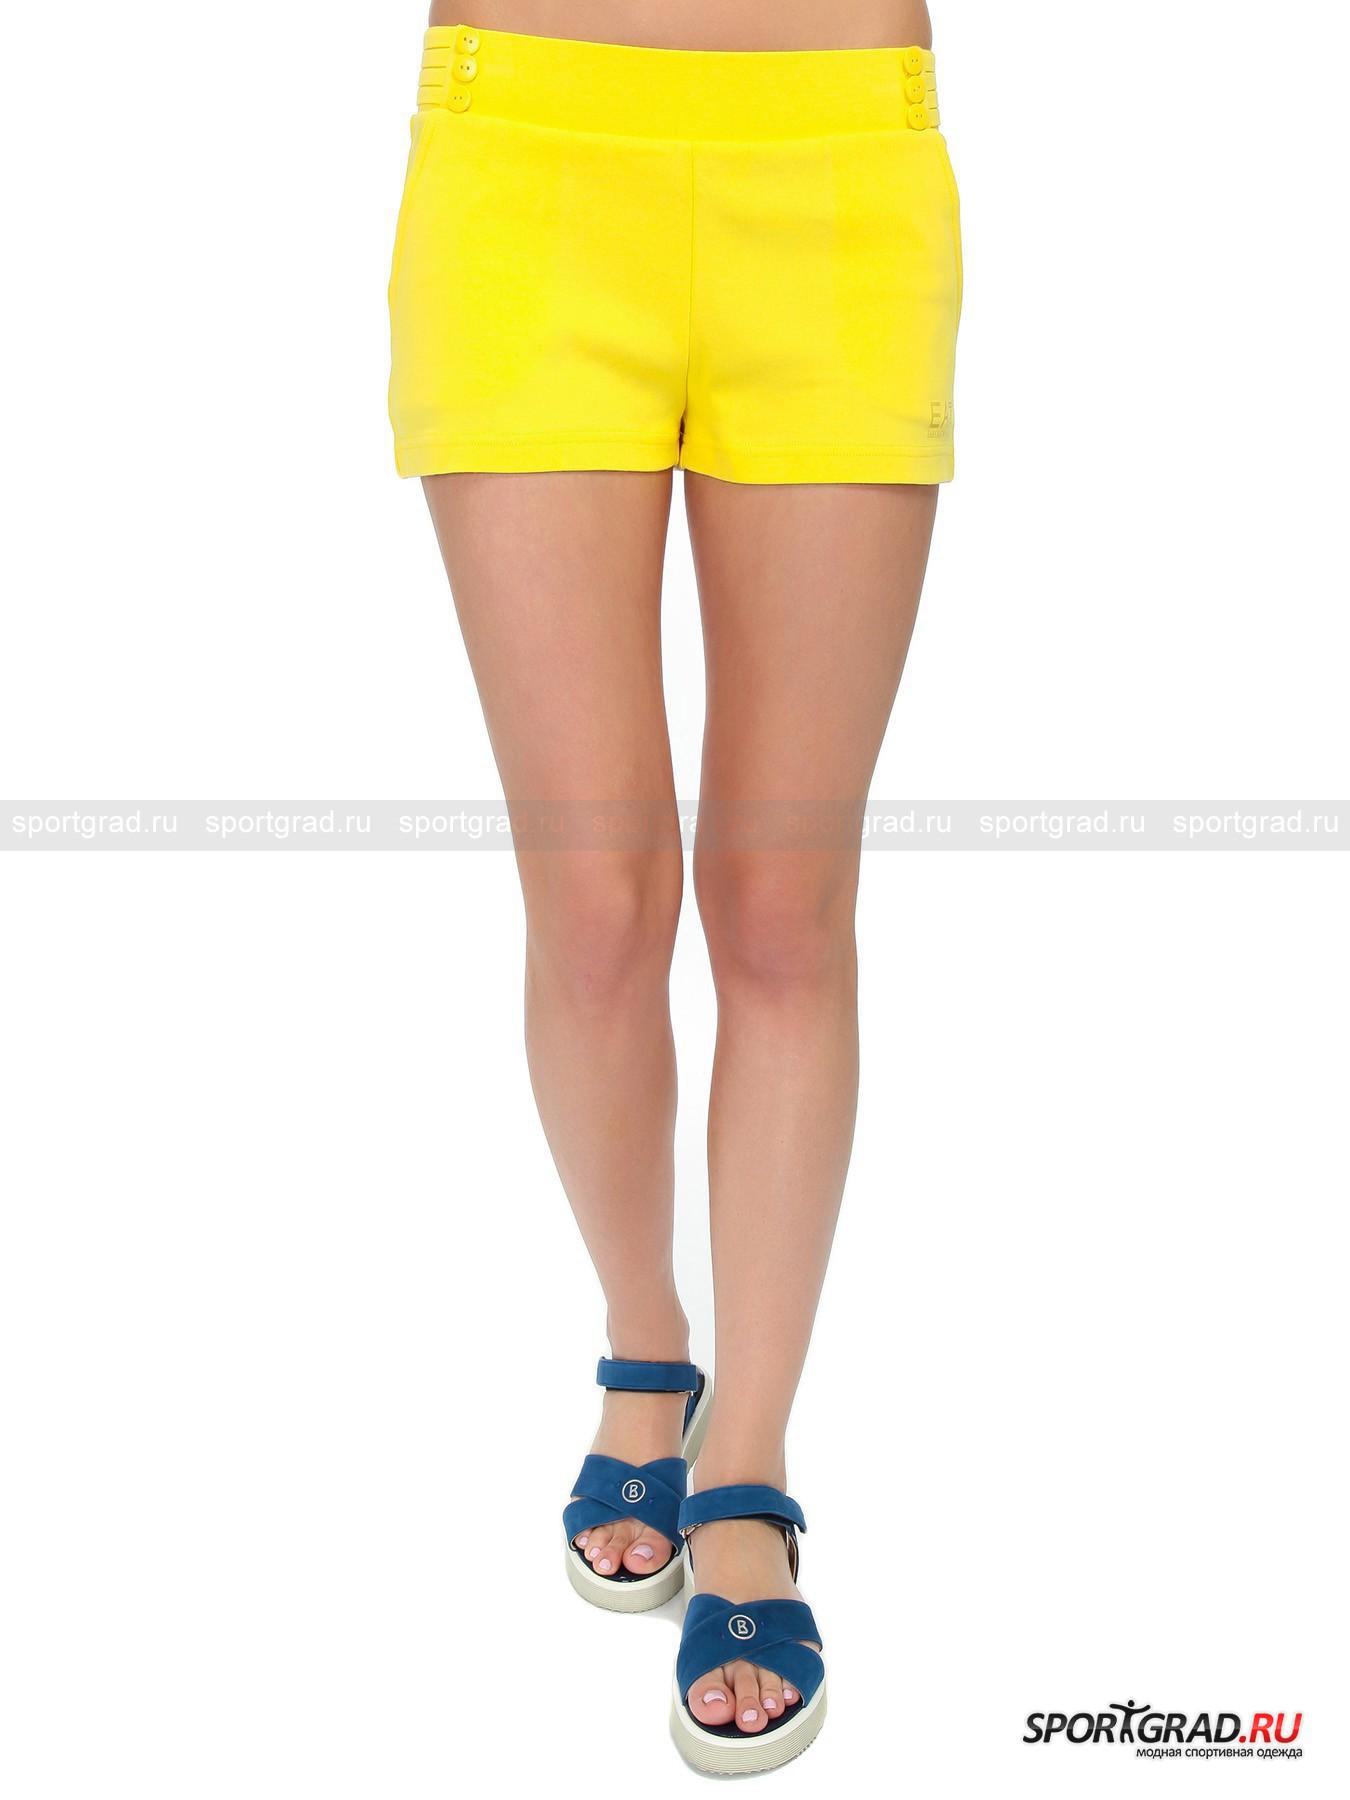 Шорты женские EMPORIO ARMANI TRAIN 7 LINESШорты, Велосипедки<br>Представить себе занятие спортом без пресловутых шорт невероятно сложно, особенно когда речь идет о летних месяцах. Для многих важно при этом выглядеть стильно и утонченно, и именно для такой публики был создан бренд EA7, ставший проектом итальянской марки одежды  EMPORIO ARMANI. Уникальное сочетание традиционного стиля и практичности сделали свое дело, подарив миру моды удивительный бренд. Модель женских шорт TRAIN 7 LINES великолепно подходит для тренировочного процесса. При этом они будут непринужденно смотреться во время загородного отдыха, пляжного сезона и на прогулке в городской черте.<br><br>•Декоративные пуговицы по бокам на поясе<br>•По бокам отделка стразами<br>•Фирменный логотип компании<br><br>Пол: Женский<br>Возраст: Взрослый<br>Тип: Шорты, Велосипедки<br>Рекомендации по уходу: Стирка при температуре 30 С. Не отбеливать. Сушка в барабане разрешена. Гладить при температуре до 110 С. Не подвергать химчистке.<br>Состав: 100% хлопок.